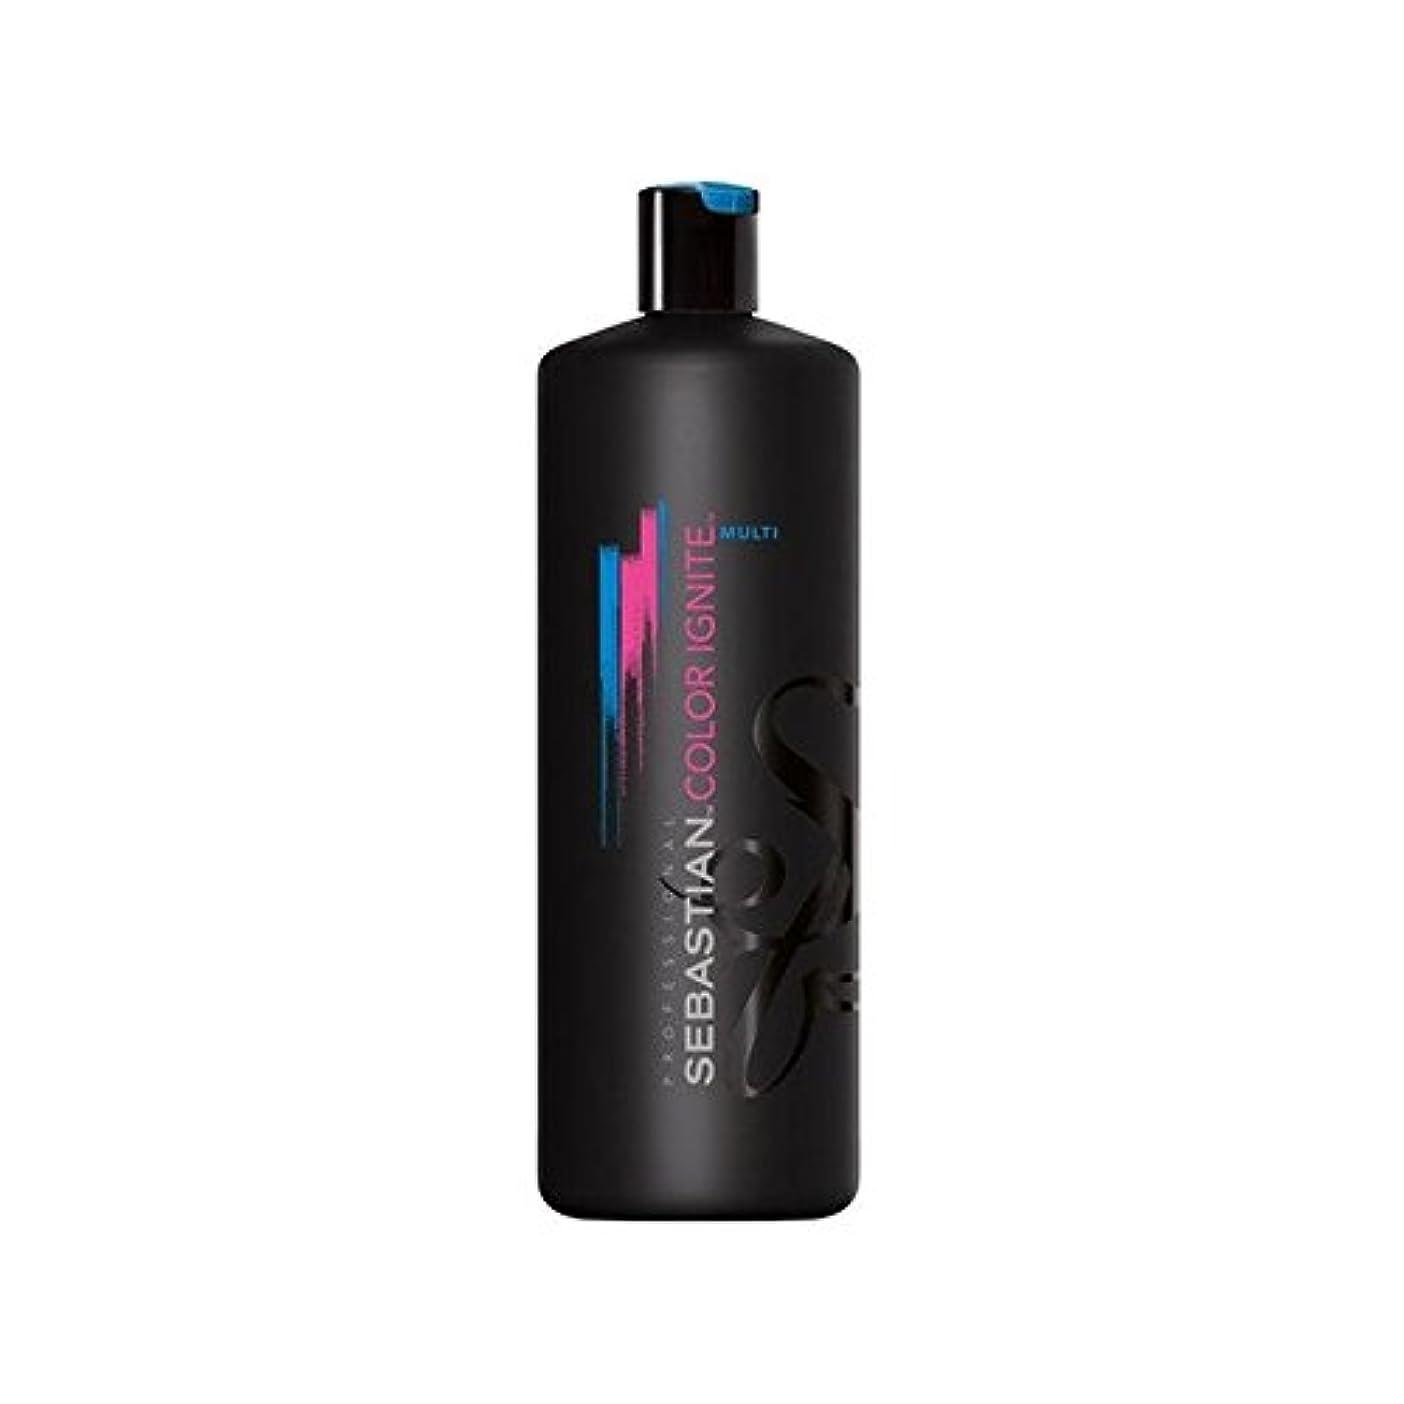 セバスチャン?プロカラーマルチシャンプー(千ミリリットル)を発火させます x2 - Sebastian Professional Color Ignite Multi Shampoo (1000ml) (Pack of 2) [並行輸入品]